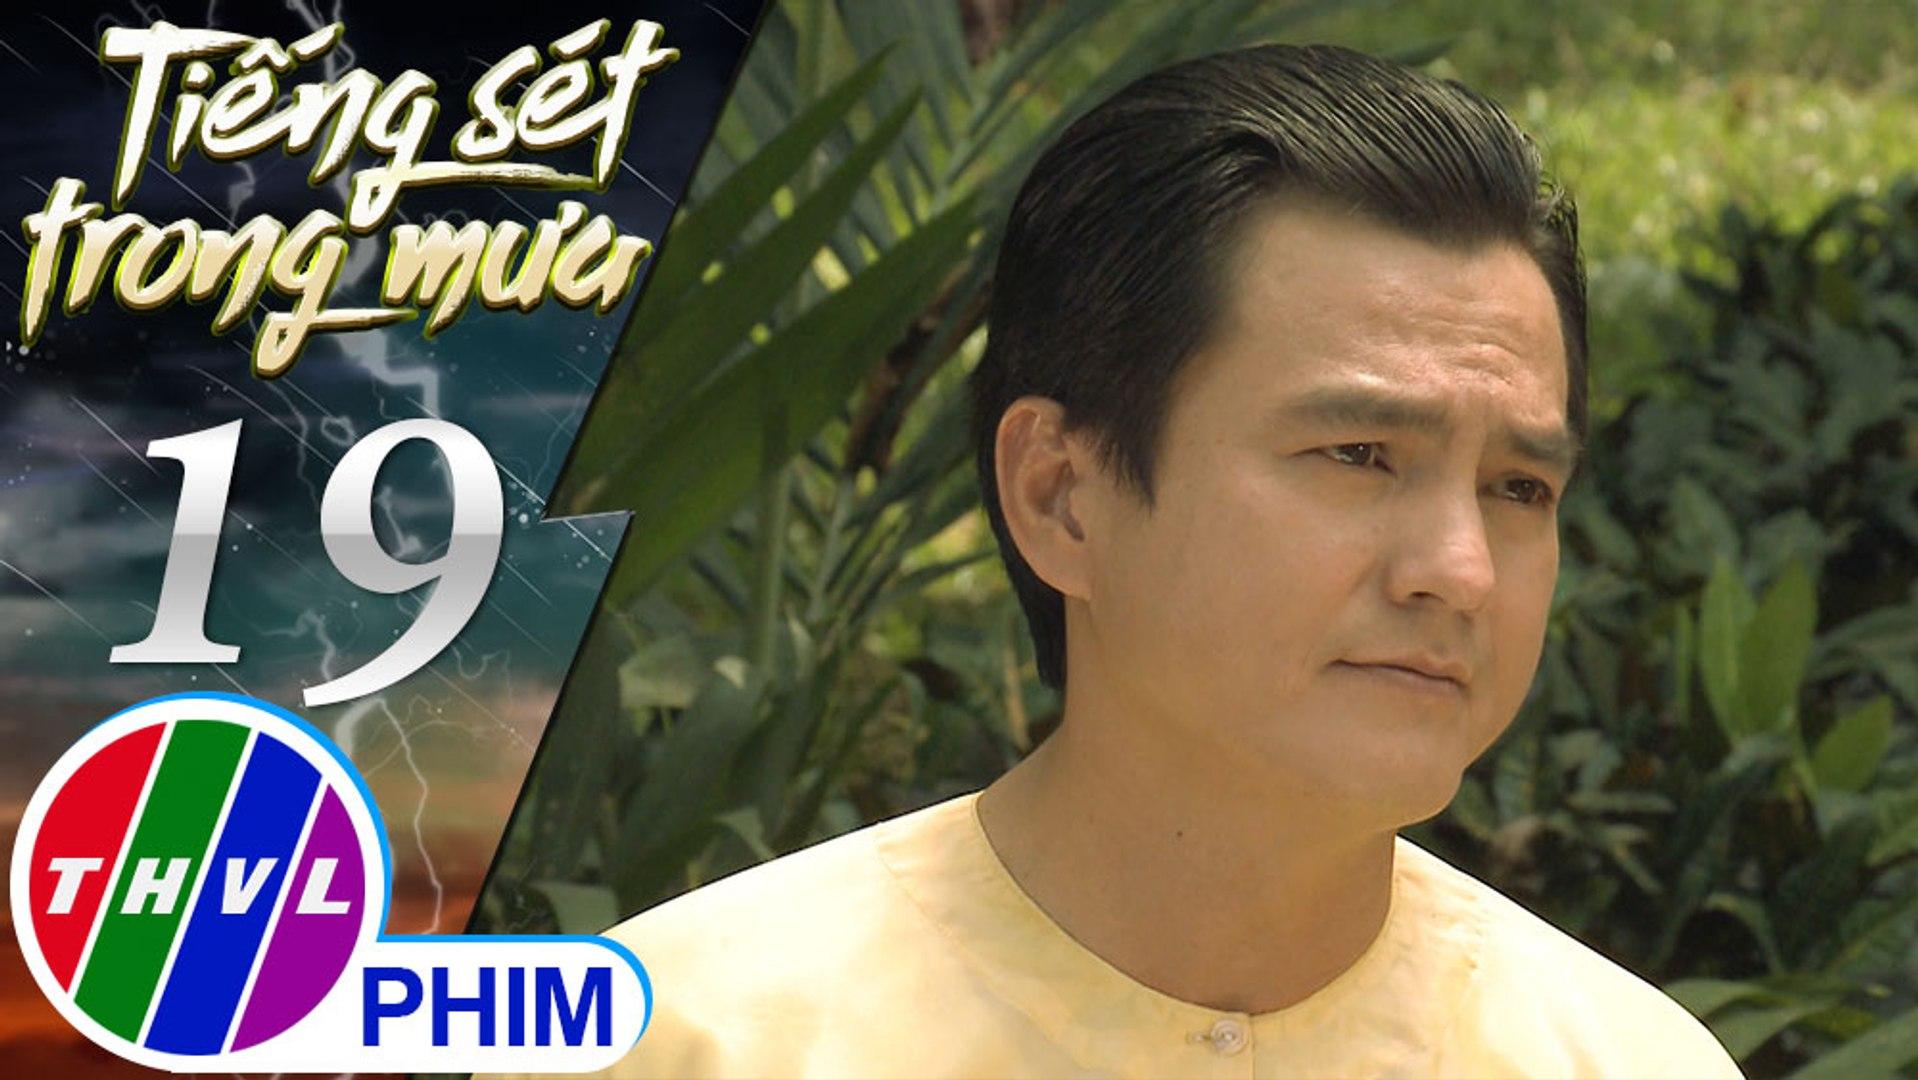 THVL | Tiếng sét trong mưa - Tập 19[2]: Duy bàng hoàng khi người má chọn cho mình là Thiên Kim